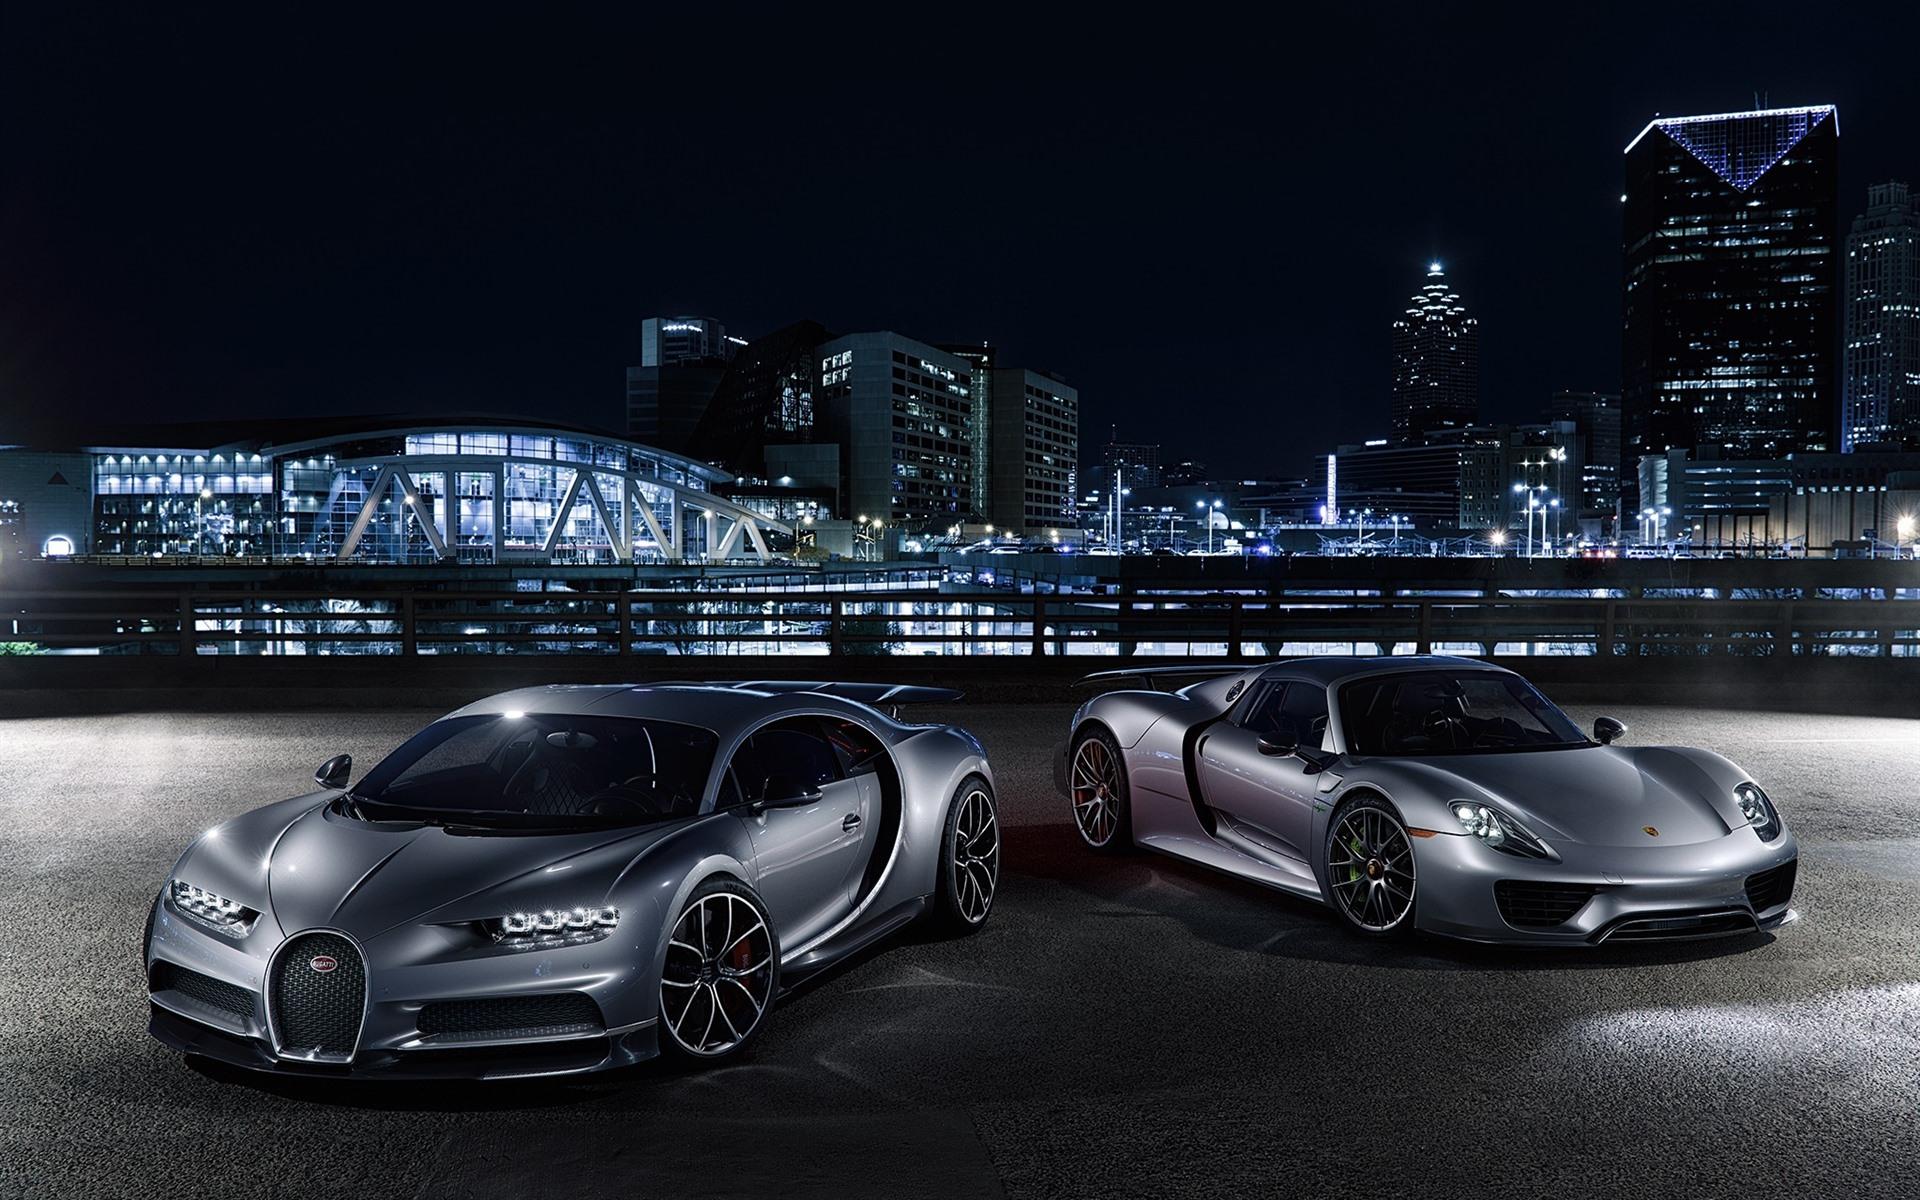 Wallpaper Porsche And Bugatti Supercar At City Night